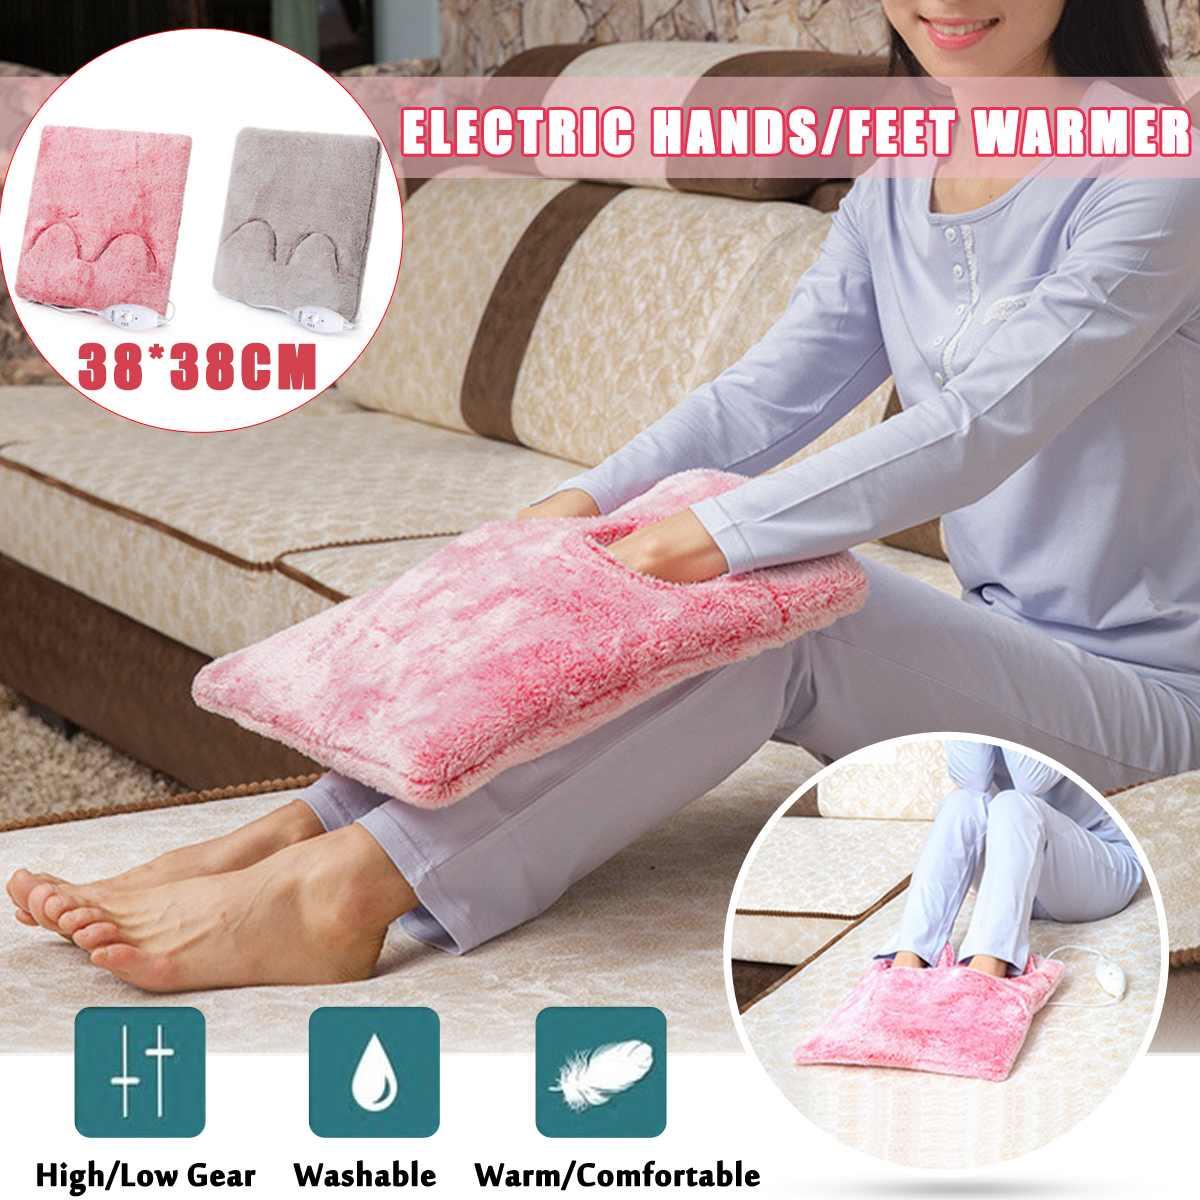 Calentador eléctrico de 220V 20 W, manos/pies, almohadilla, zapato desmontable, estufa de invierno, zapatillas de calentamiento, asientos, silla de sofá caliente estera de cojín AC220-240V 6 orificios de Gas de la estufa de pulso de la chispa de encendido eléctrico piezas del calentador de agua seguro de alta calidad